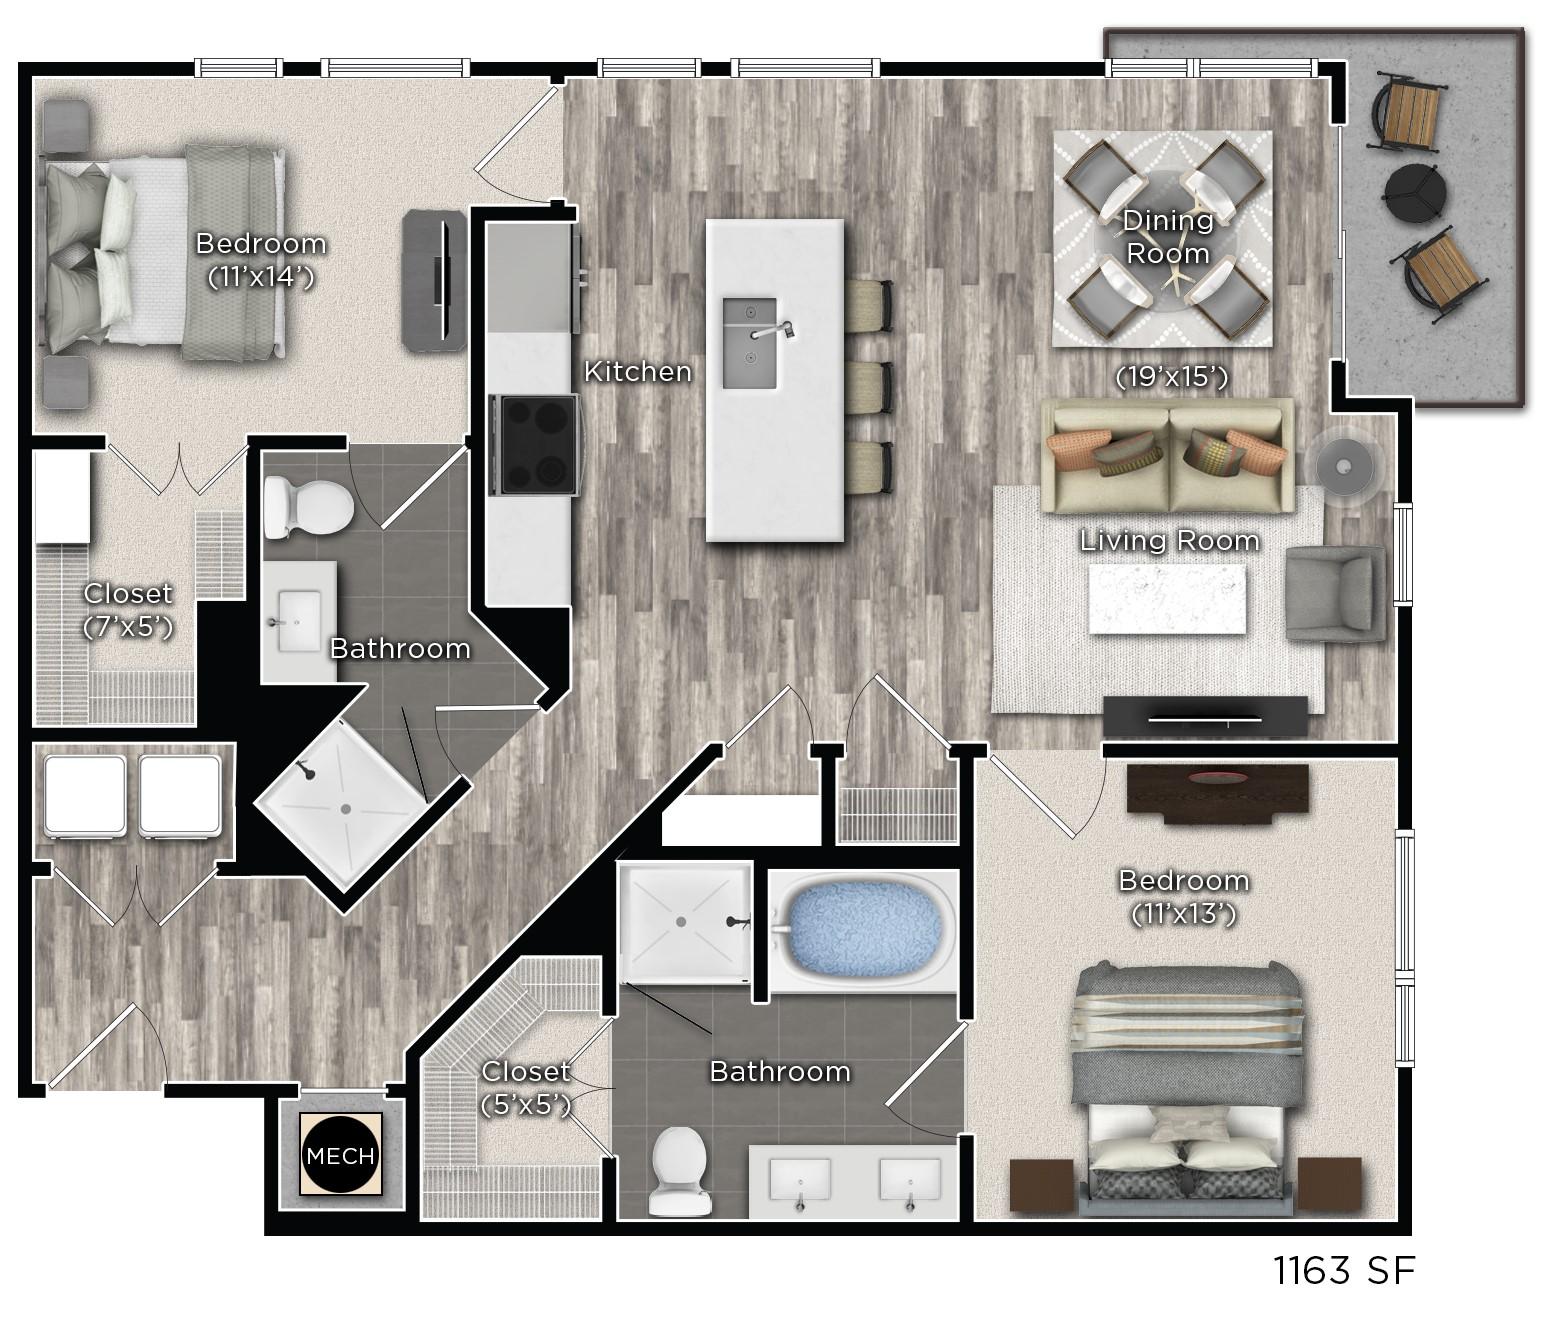 Floorplan - R image